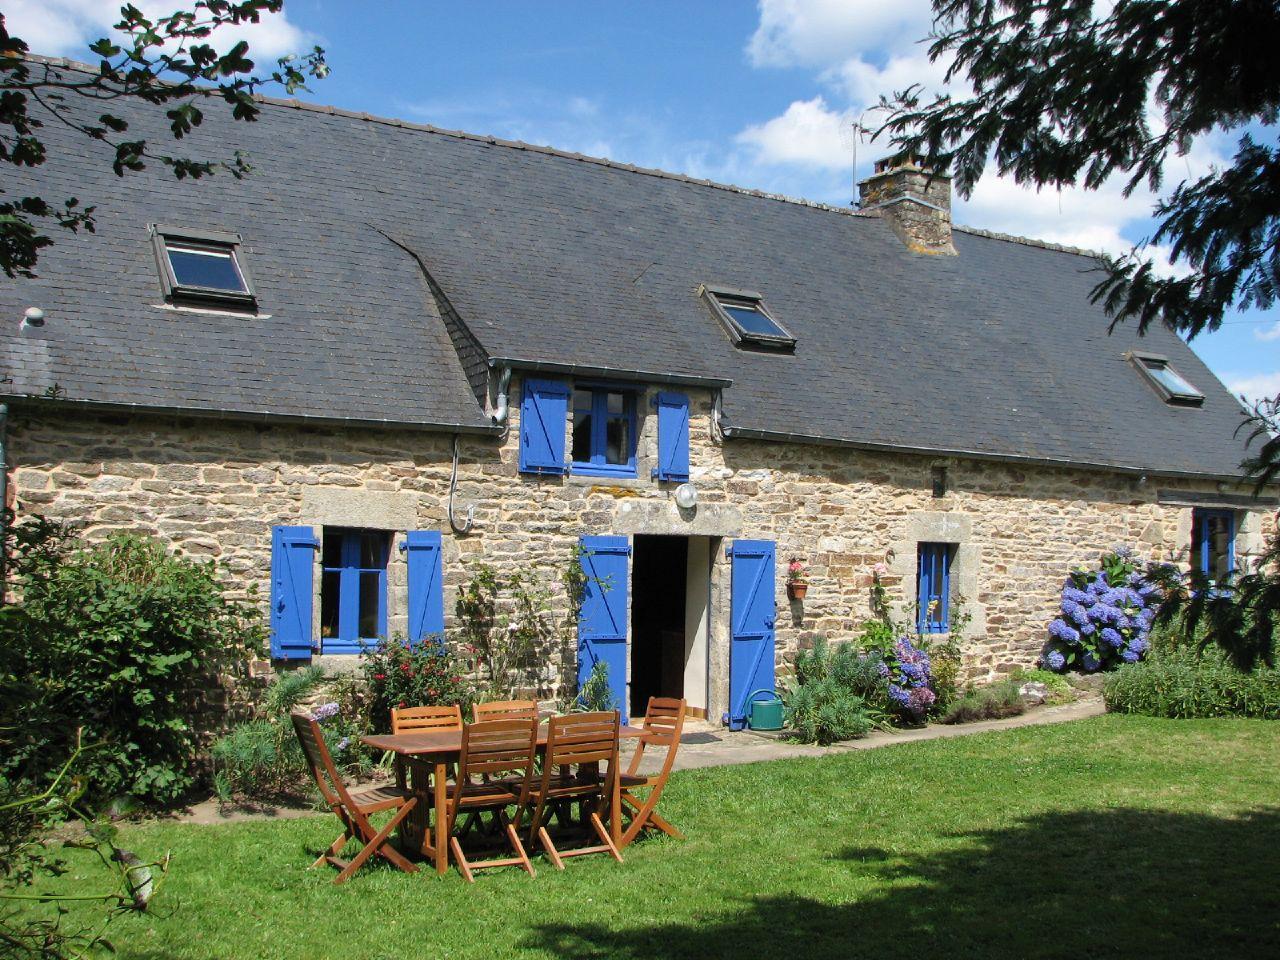 Gites in france gites de france top 400 holiday rentals for Gite de france